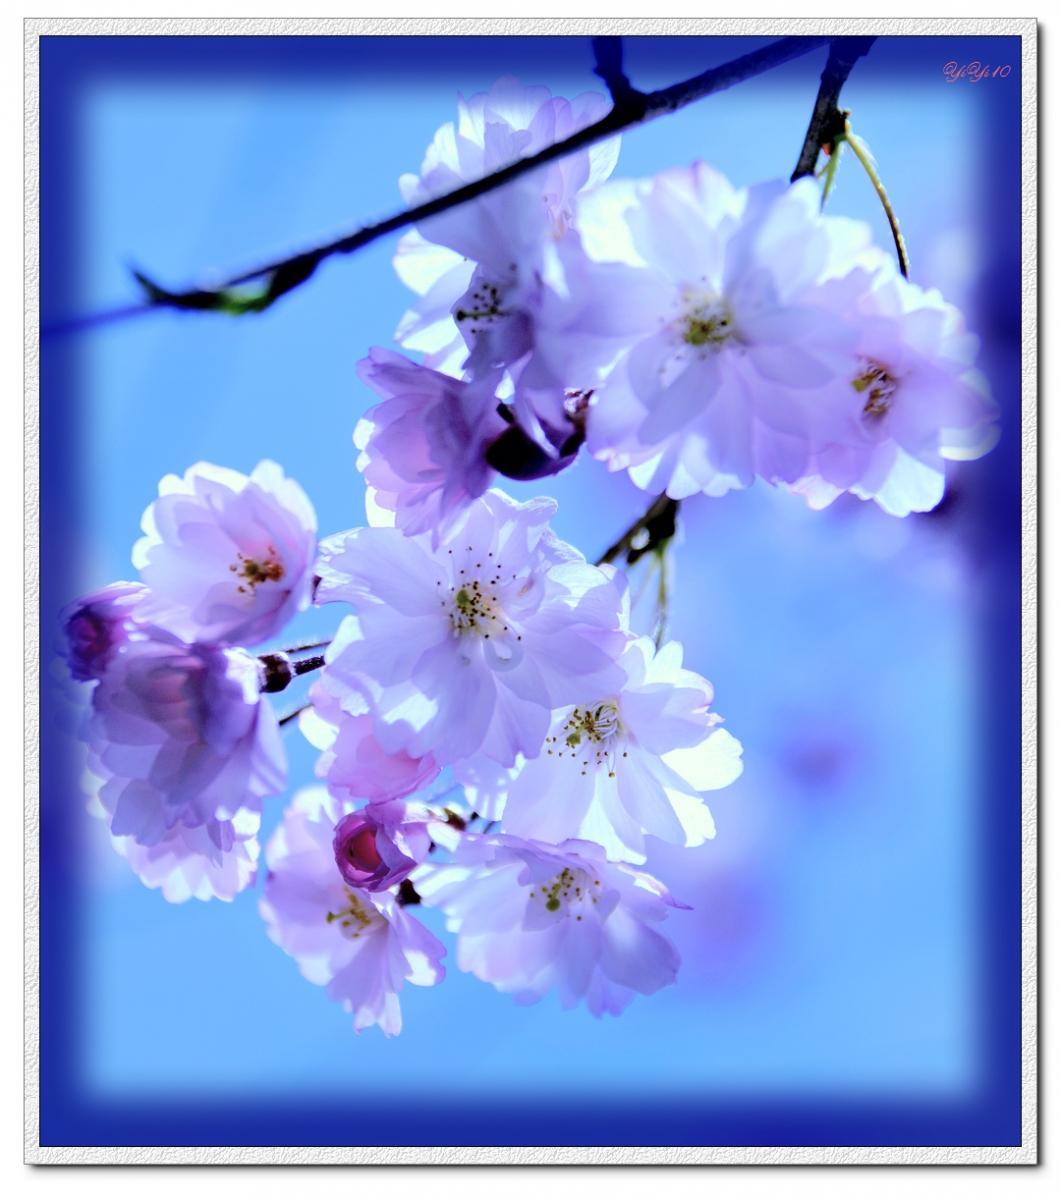 【原創】我家門口的玉蘭與櫻花(攝影)_图1-12